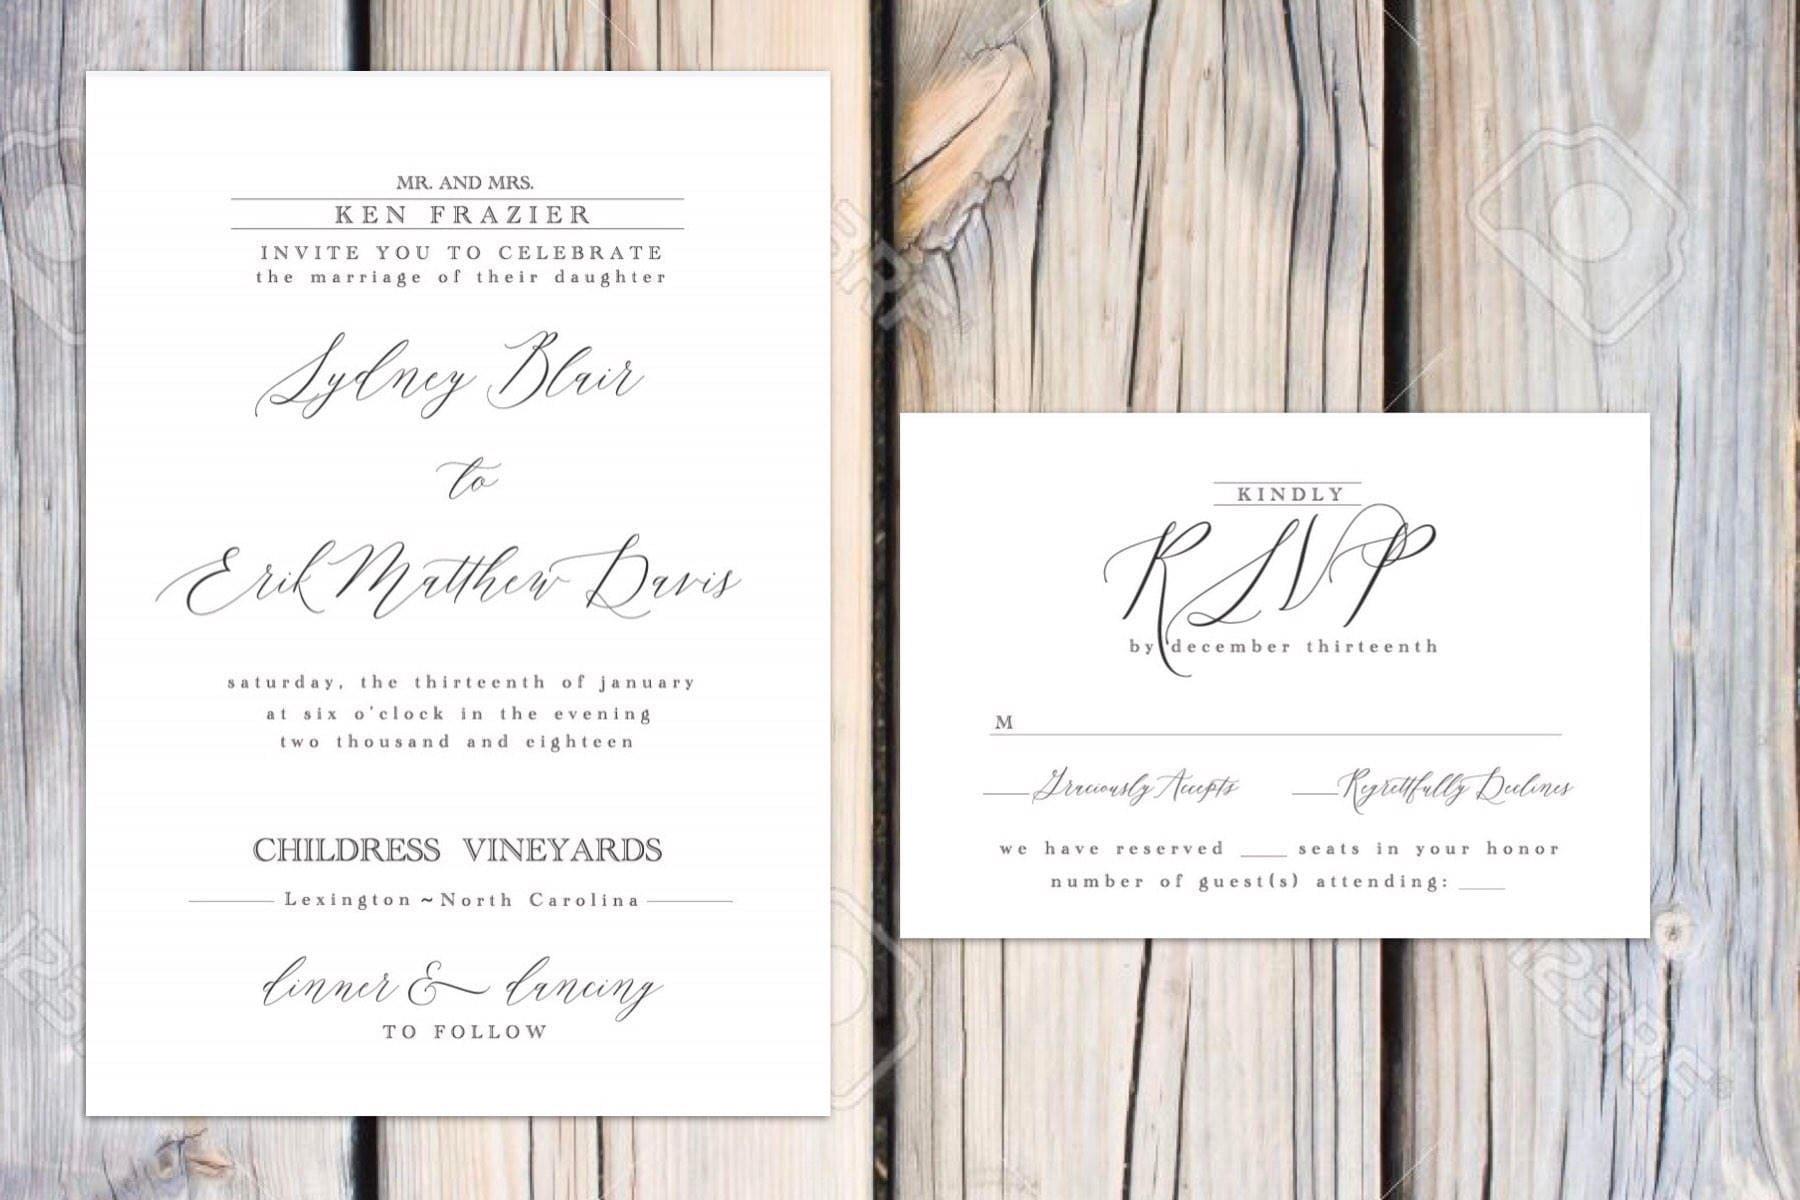 Blair Suite Classic wedding invitations